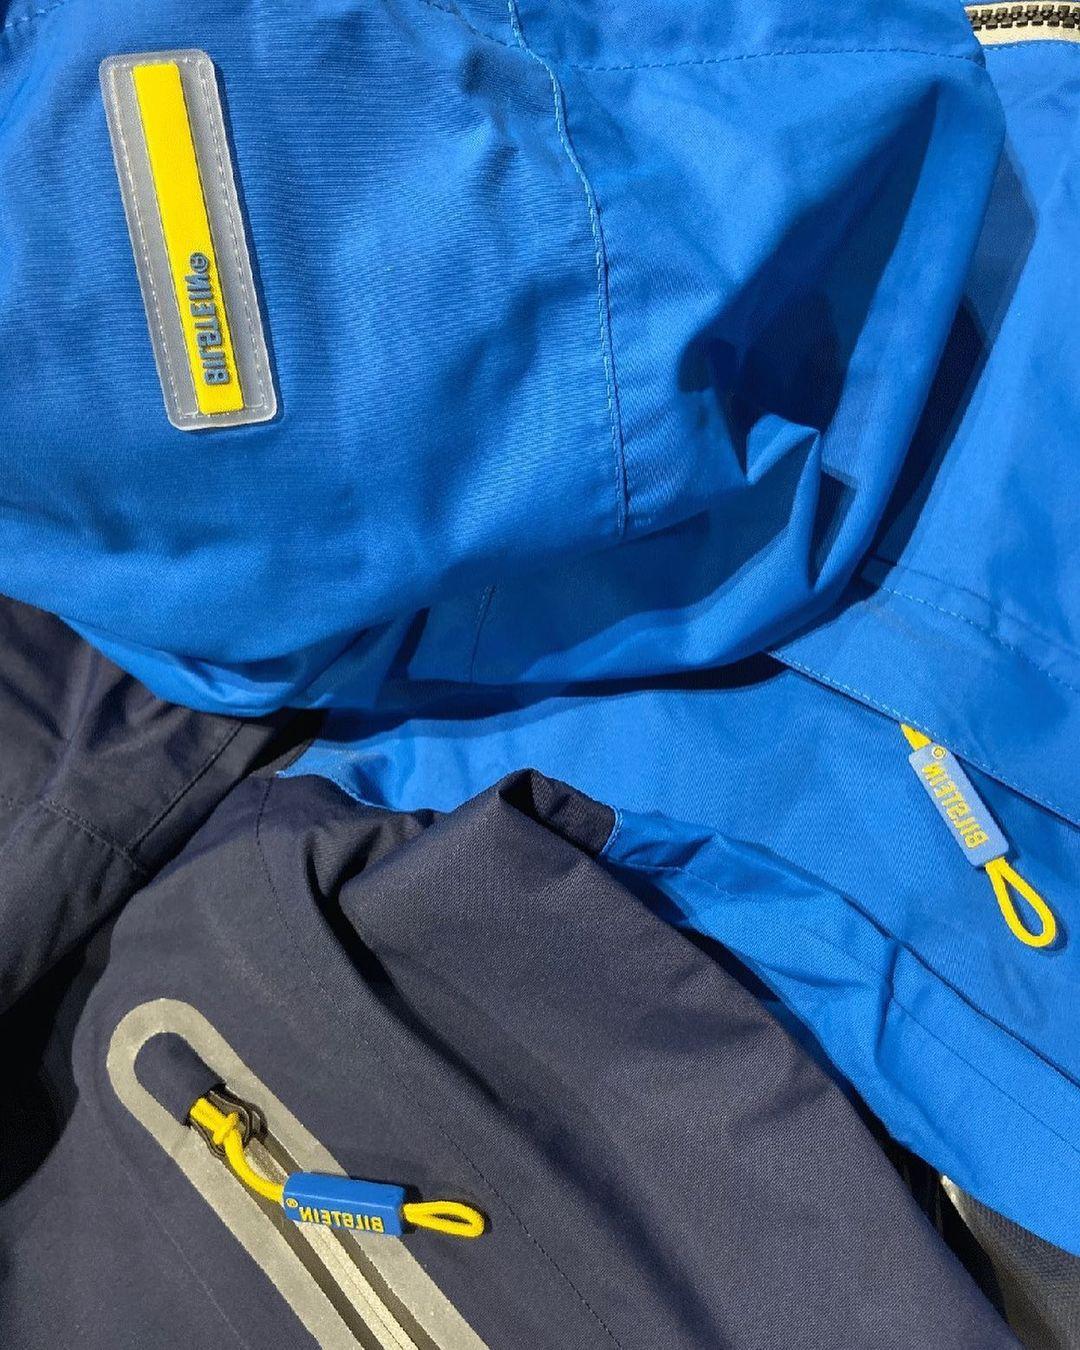 #capteamwear #motorsport #teamwear #product